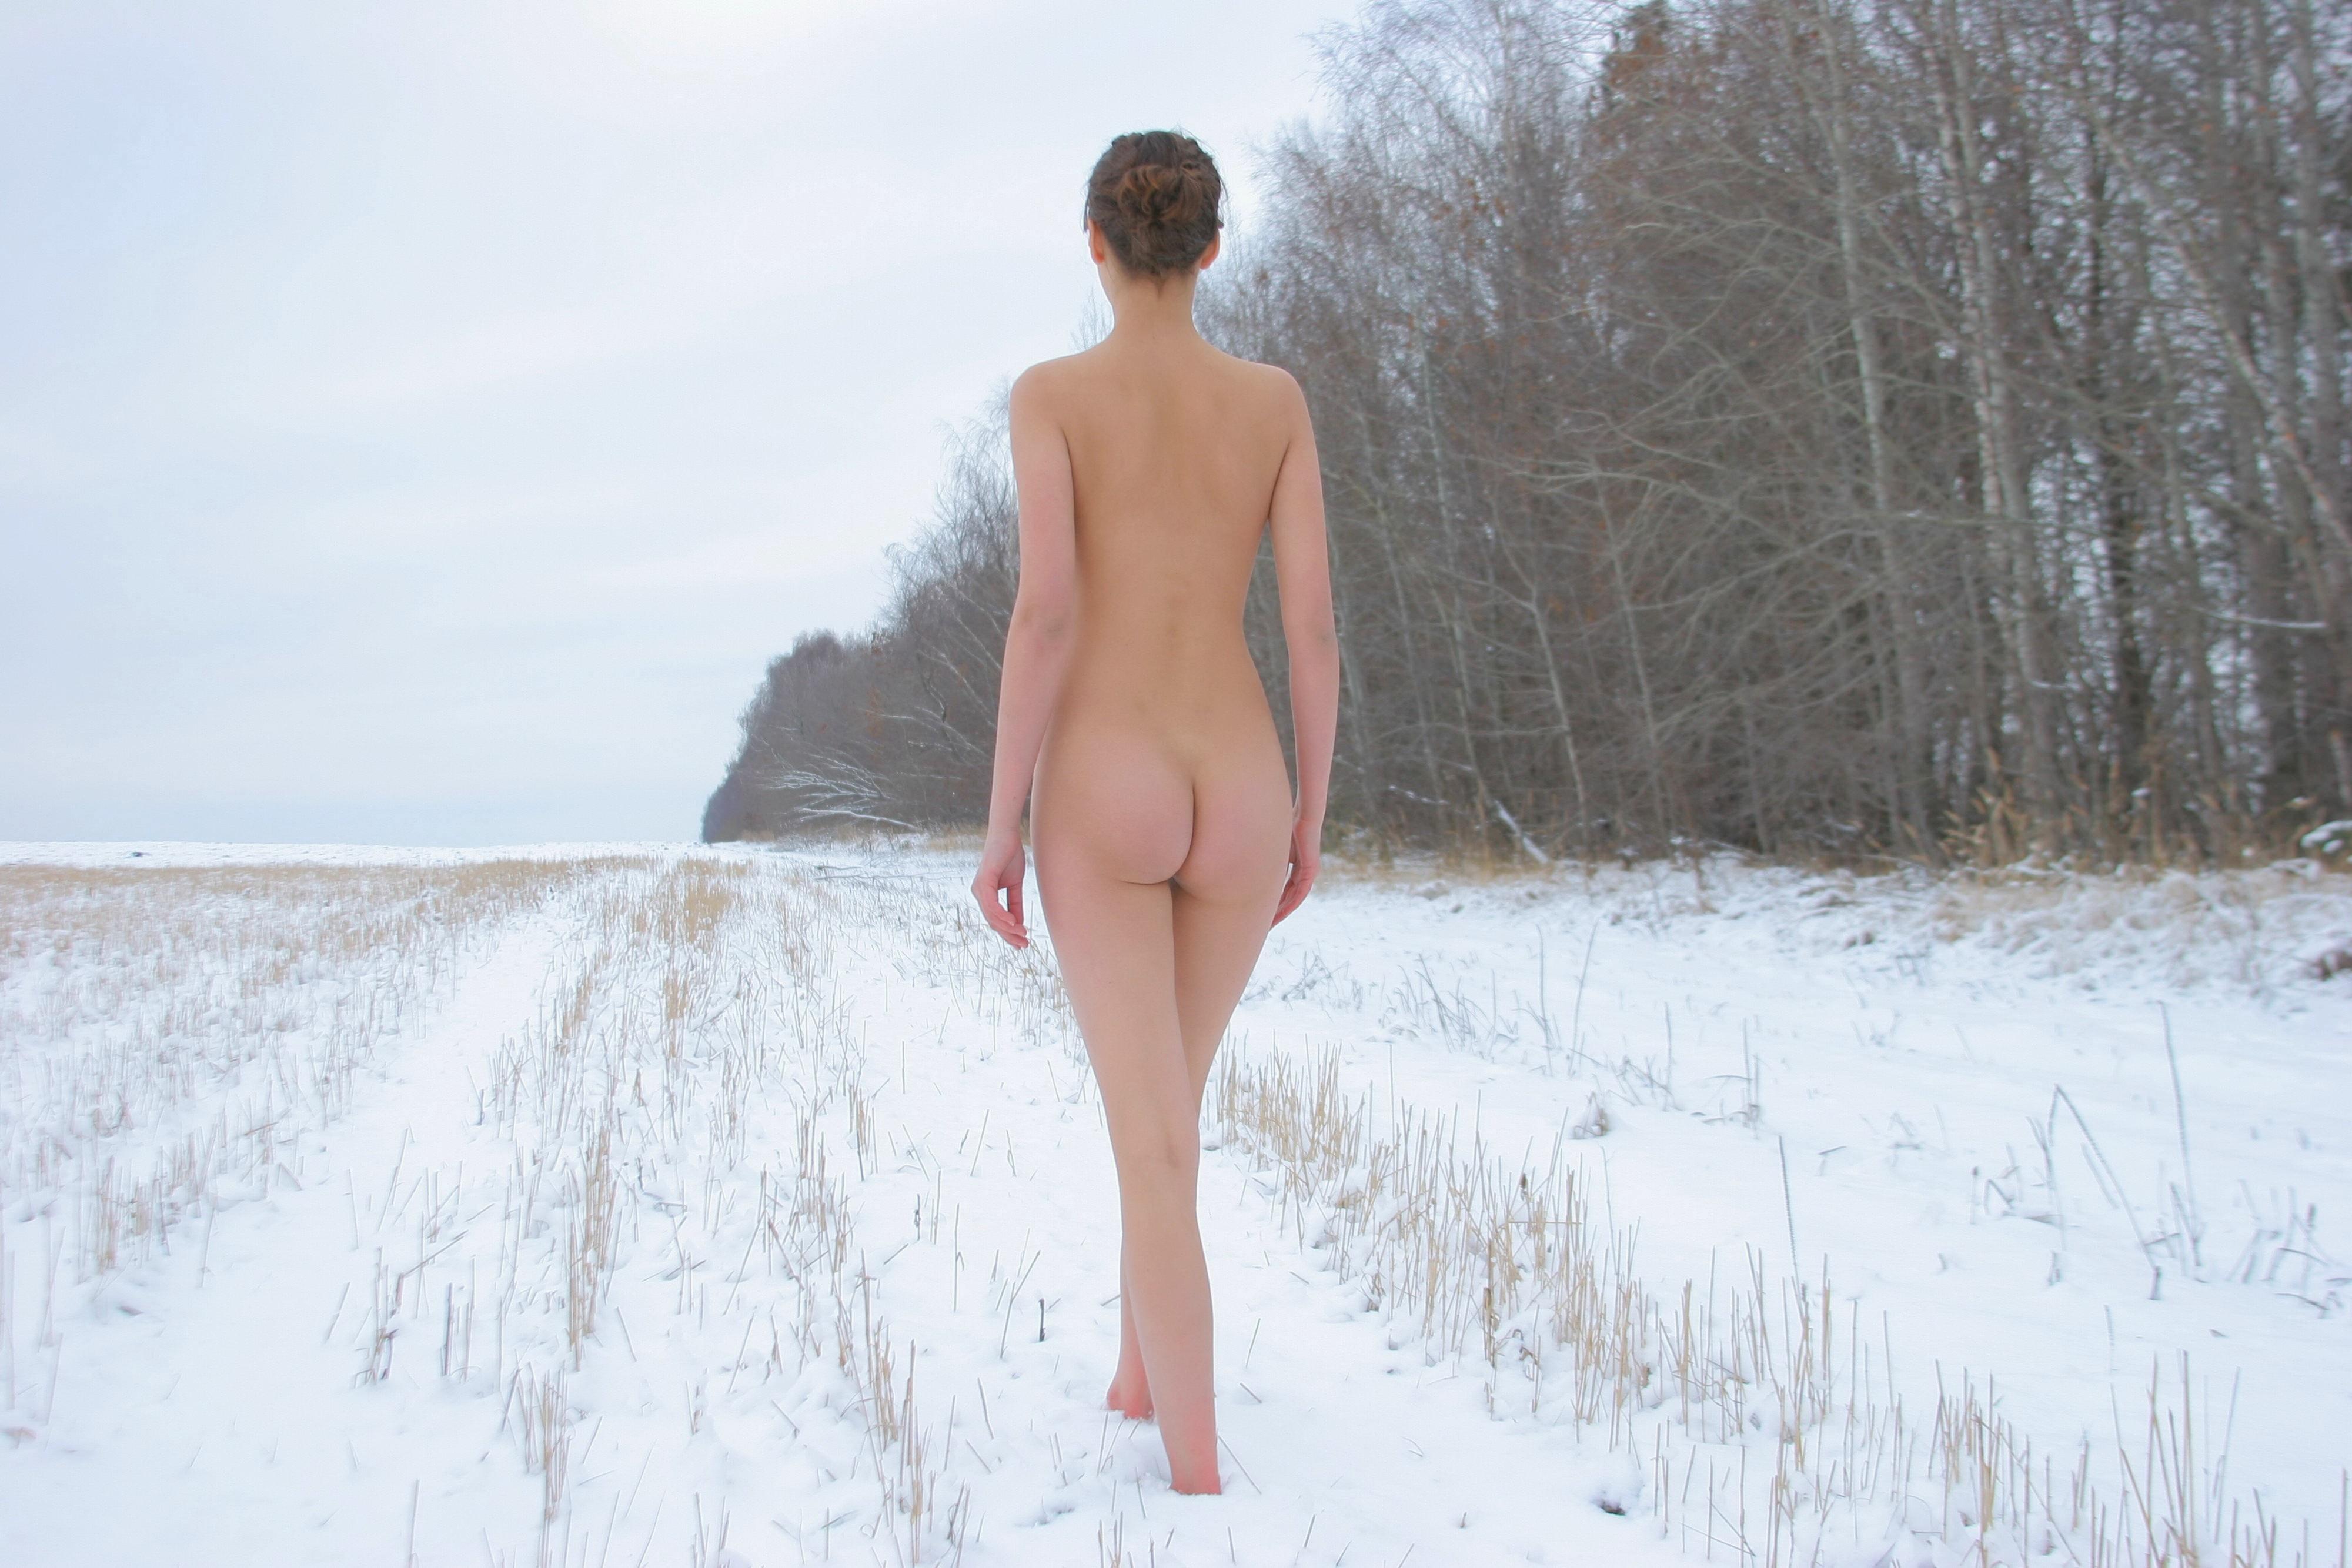 голая девушка зимой в лесу фото